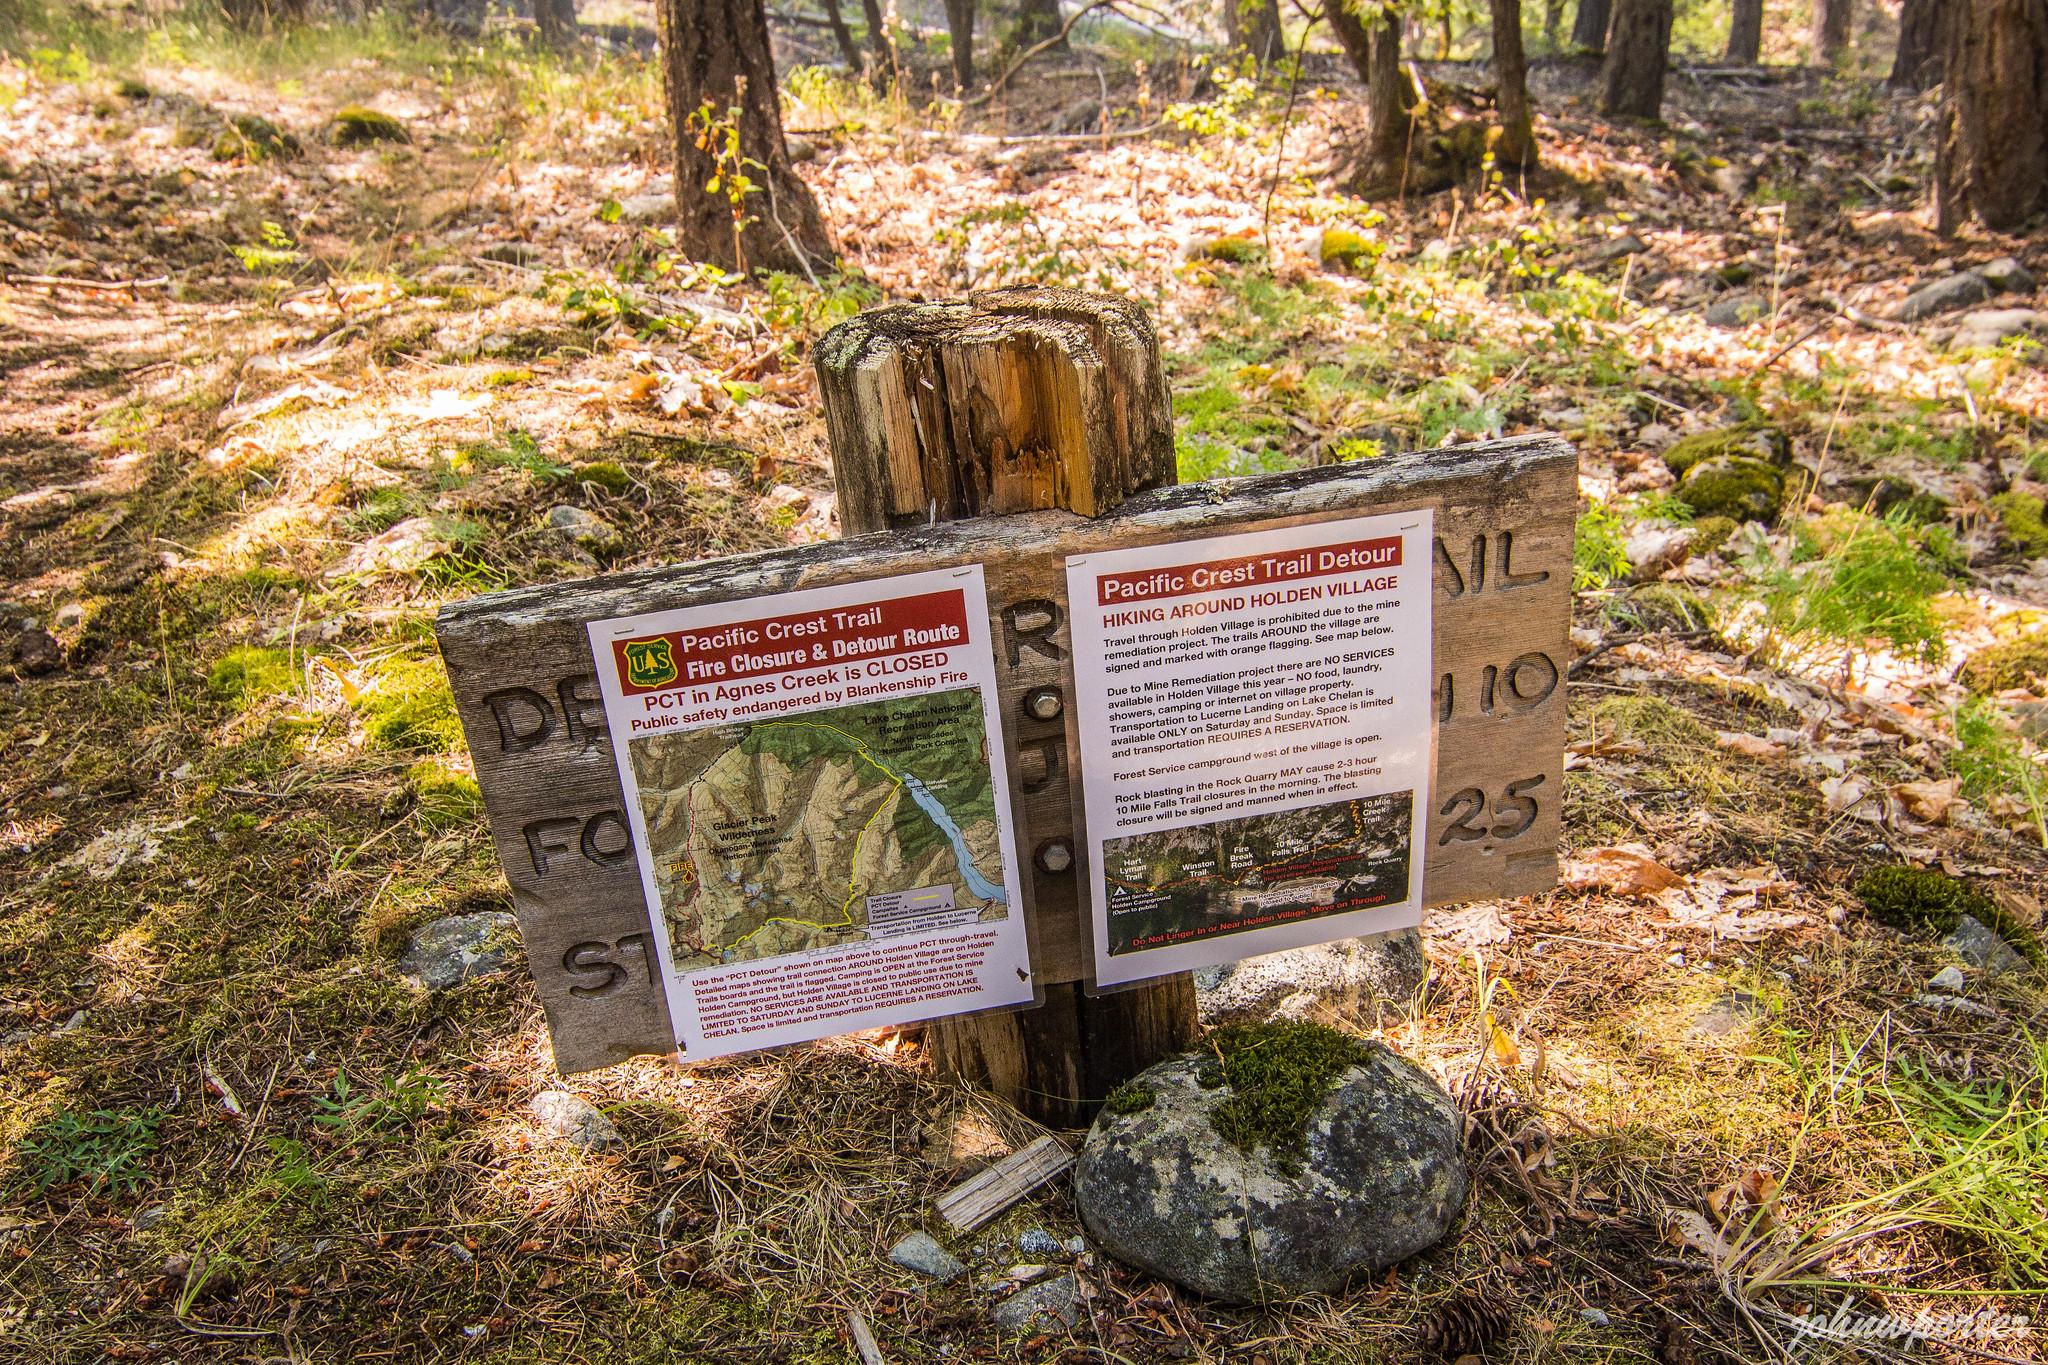 Pacific Crest Trail detour